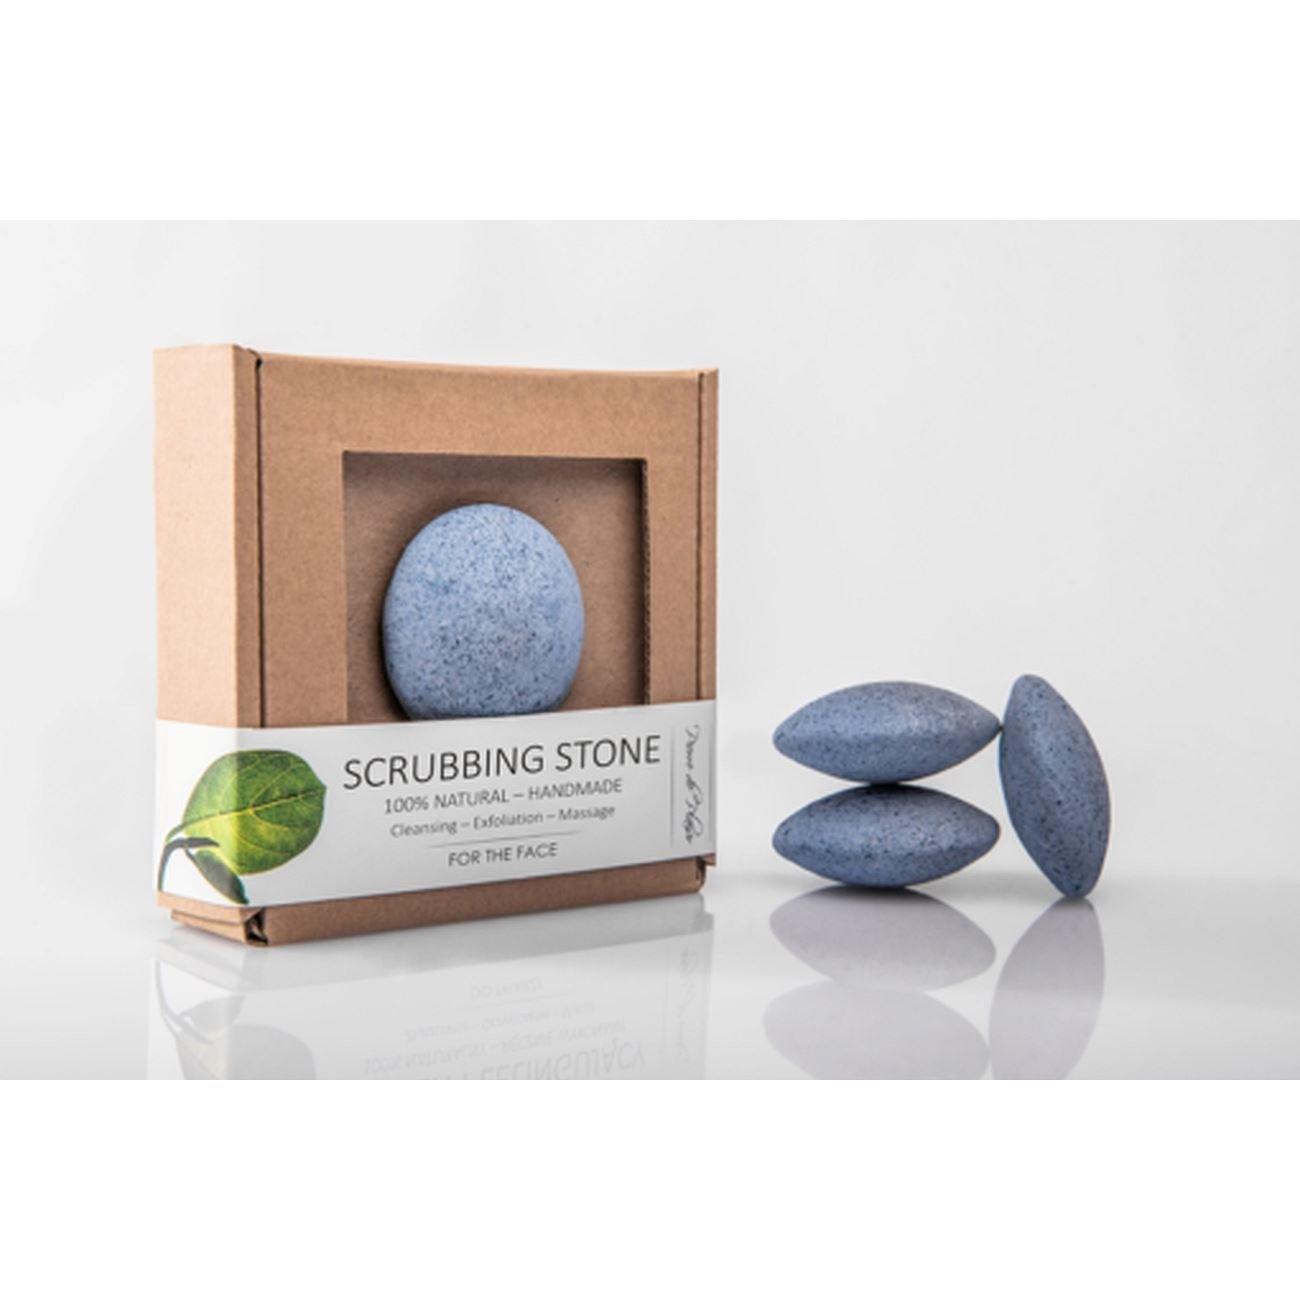 Pierre de Plaisir - Natural Scrubbing Stone for the Face Blue - 40g by Pierre de Plaisir